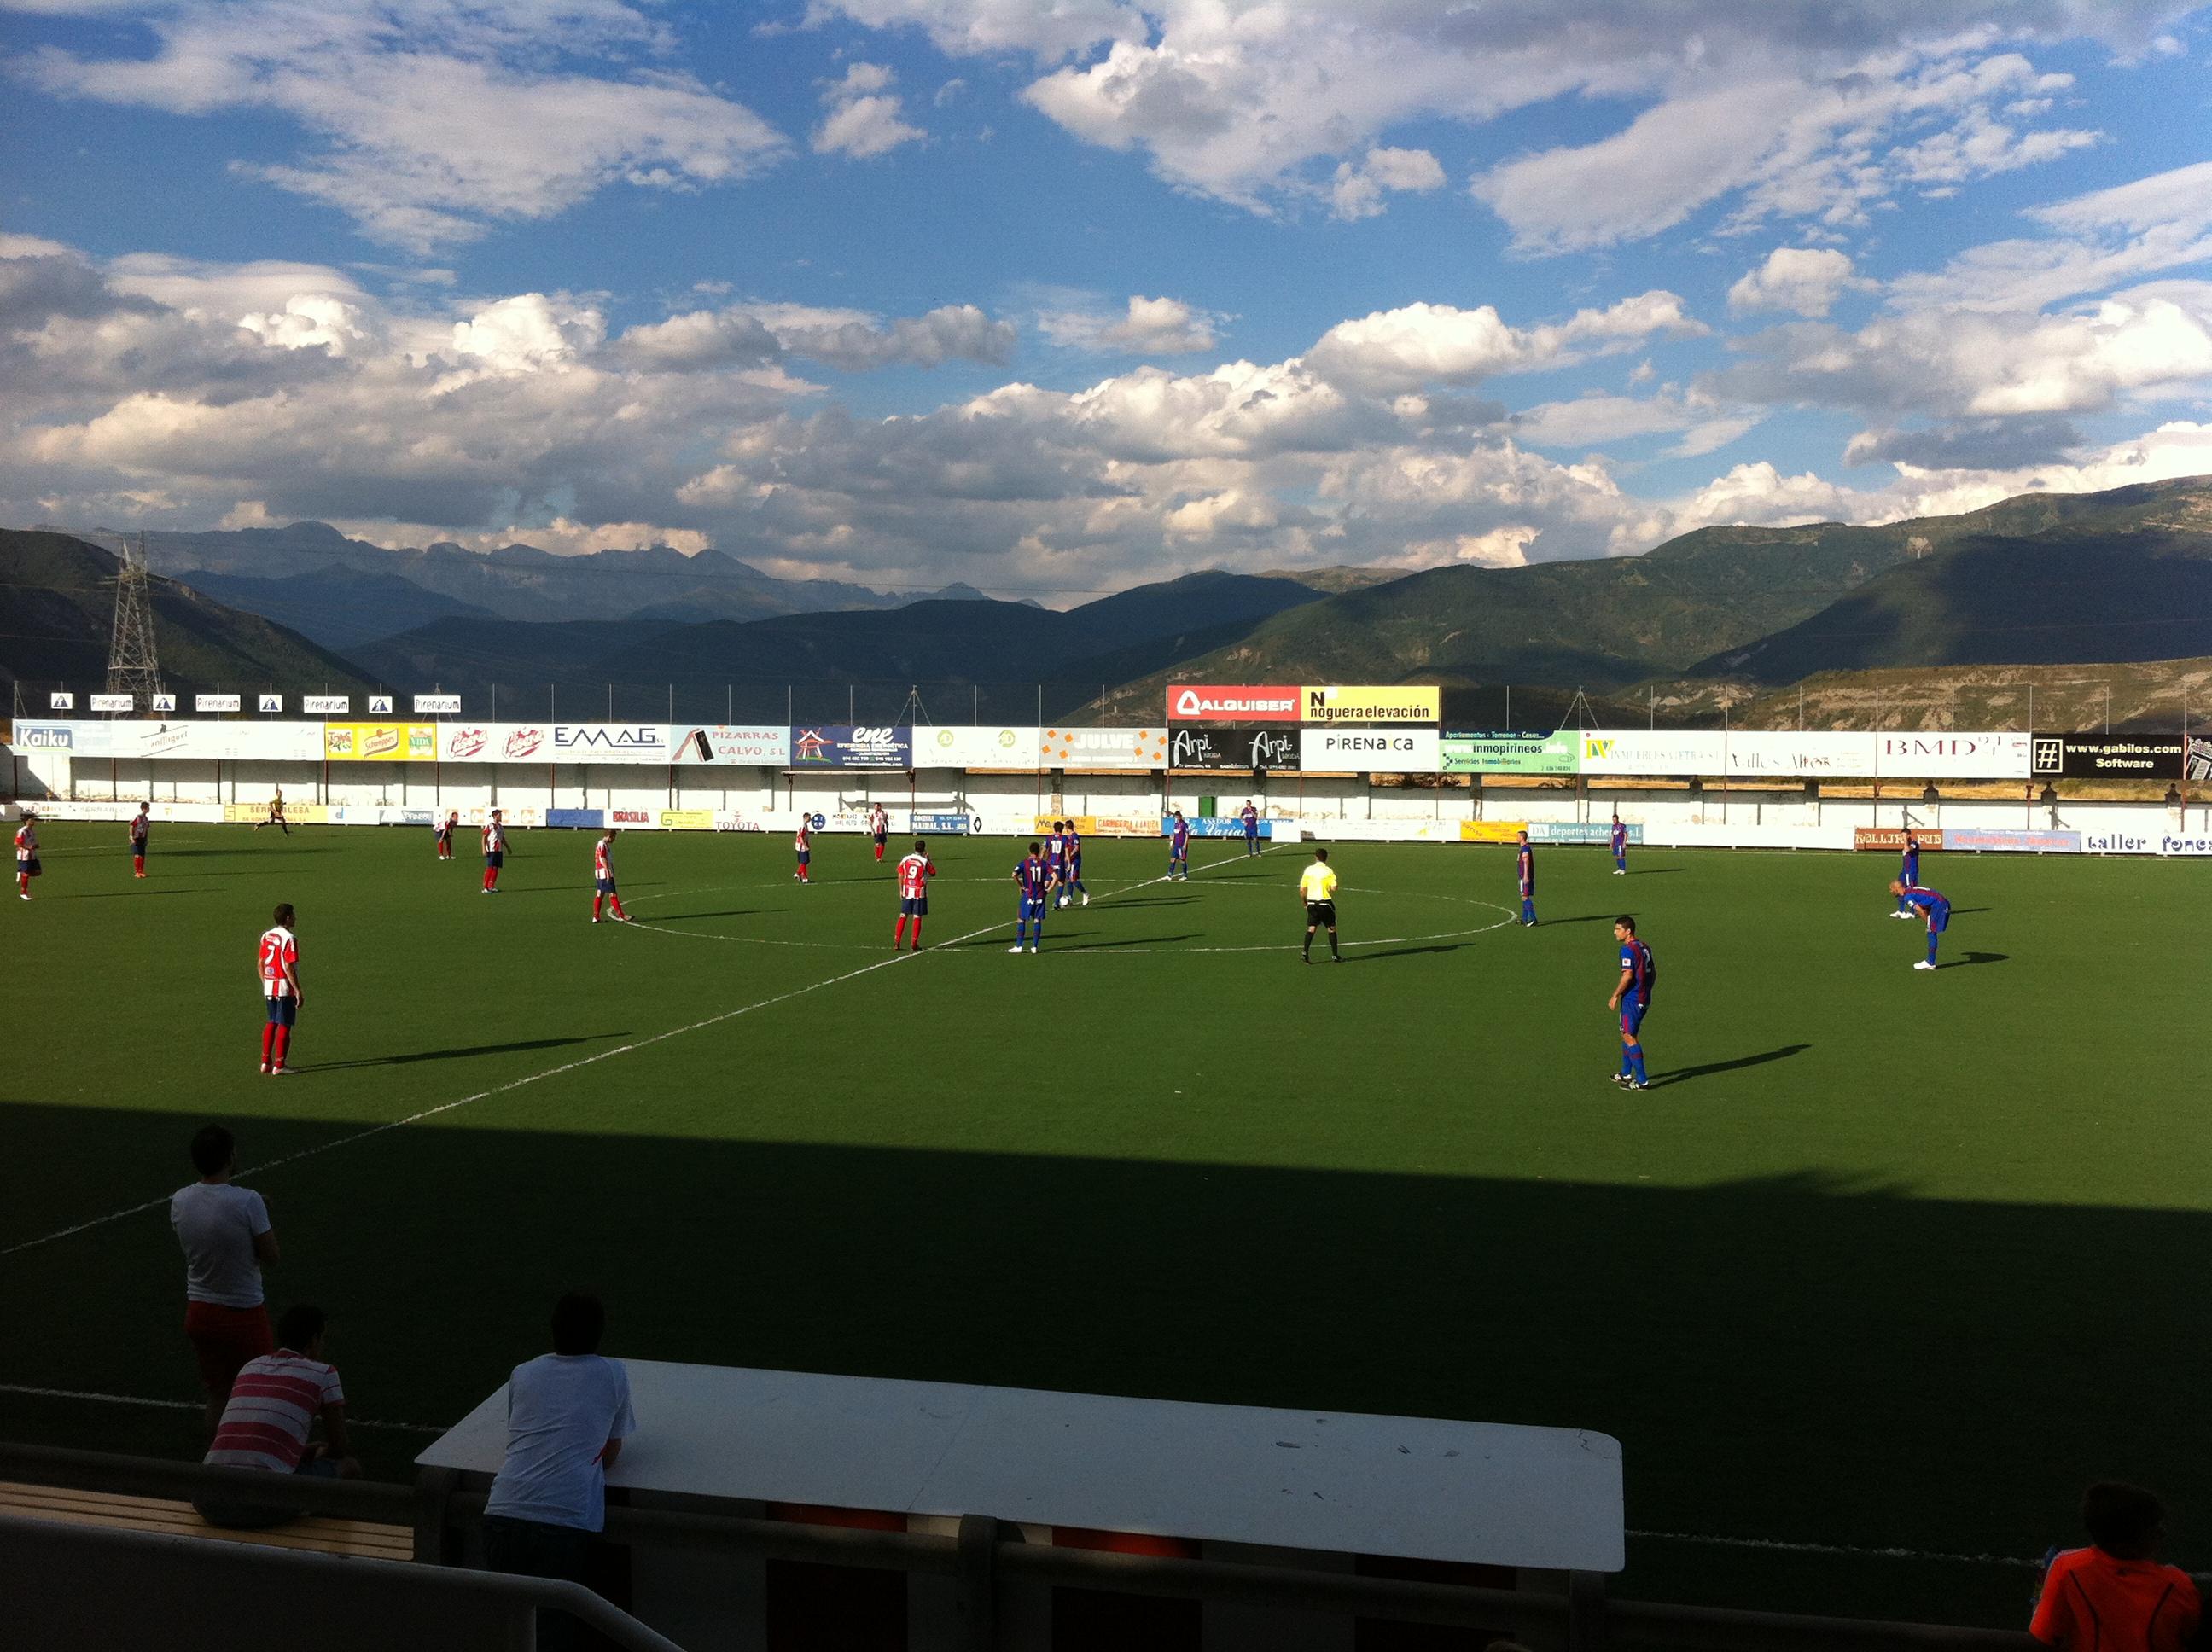 Empate a cero de la SD Huesca frente a la AD Sabiñánigo